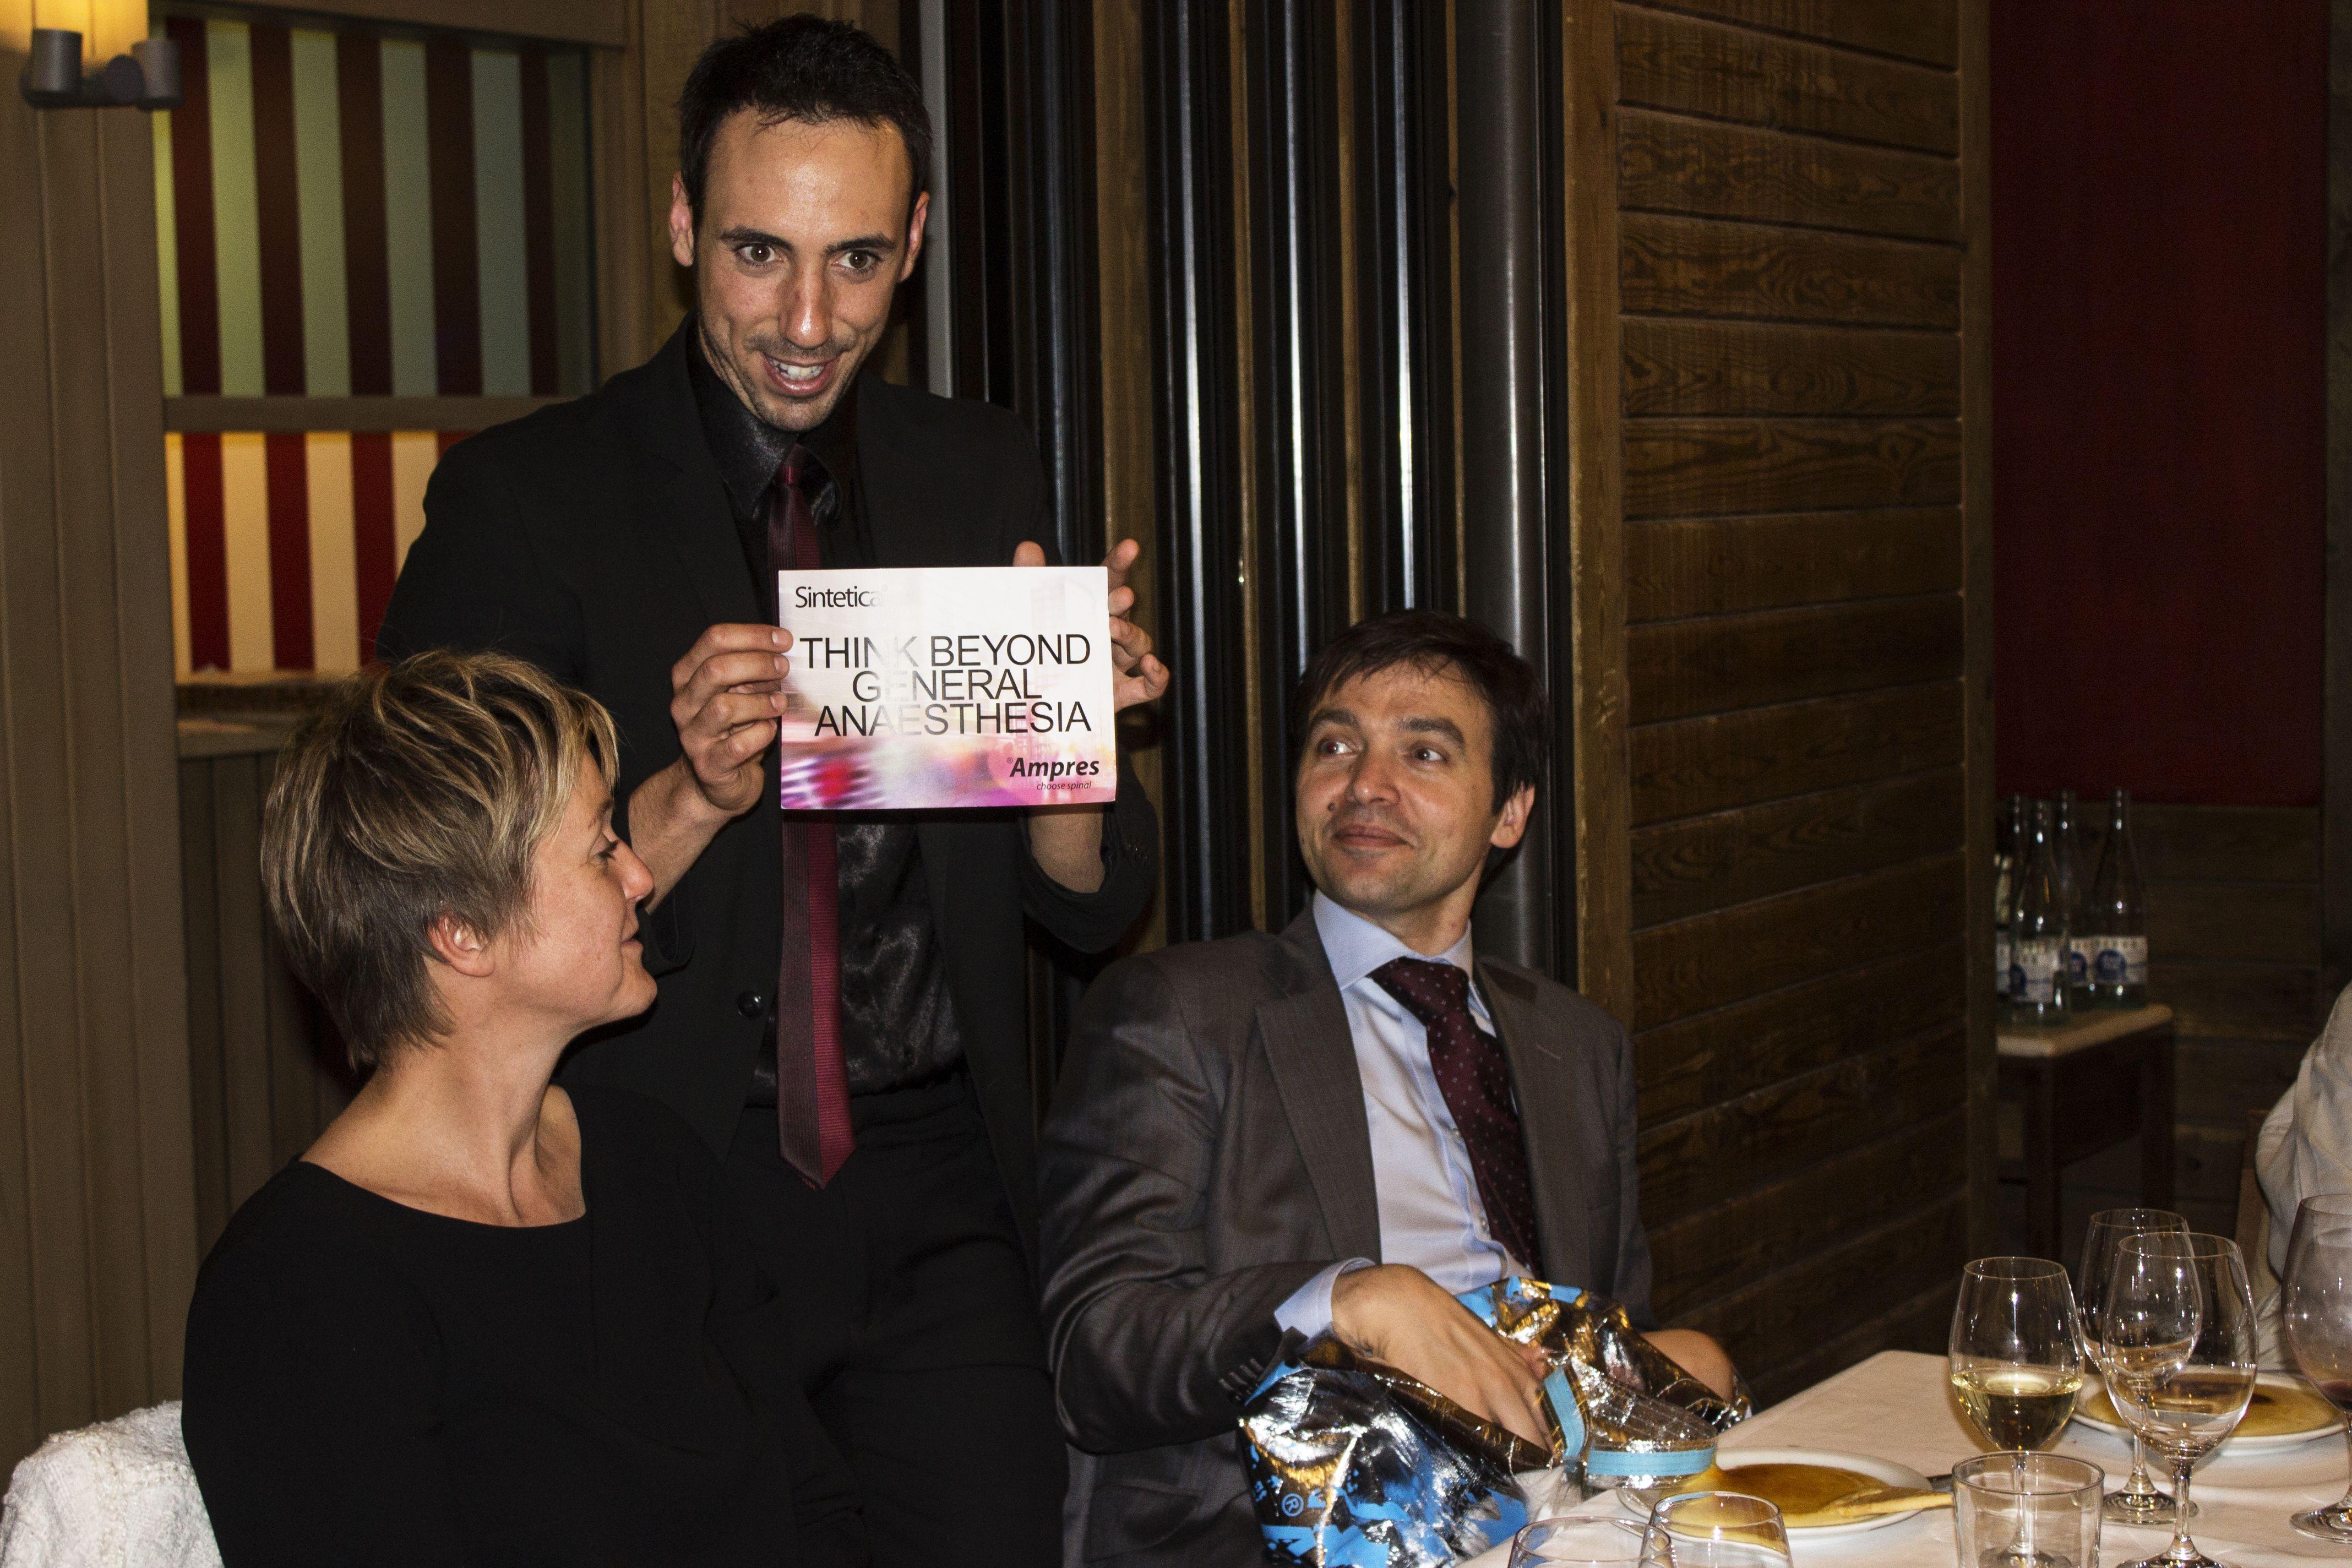 Evento realizado en el restaurante Barceloneta para la empresa suiza Sintetica. Magia de cóctel para los asistentes inspirada en los valores corporativos de la empresa.